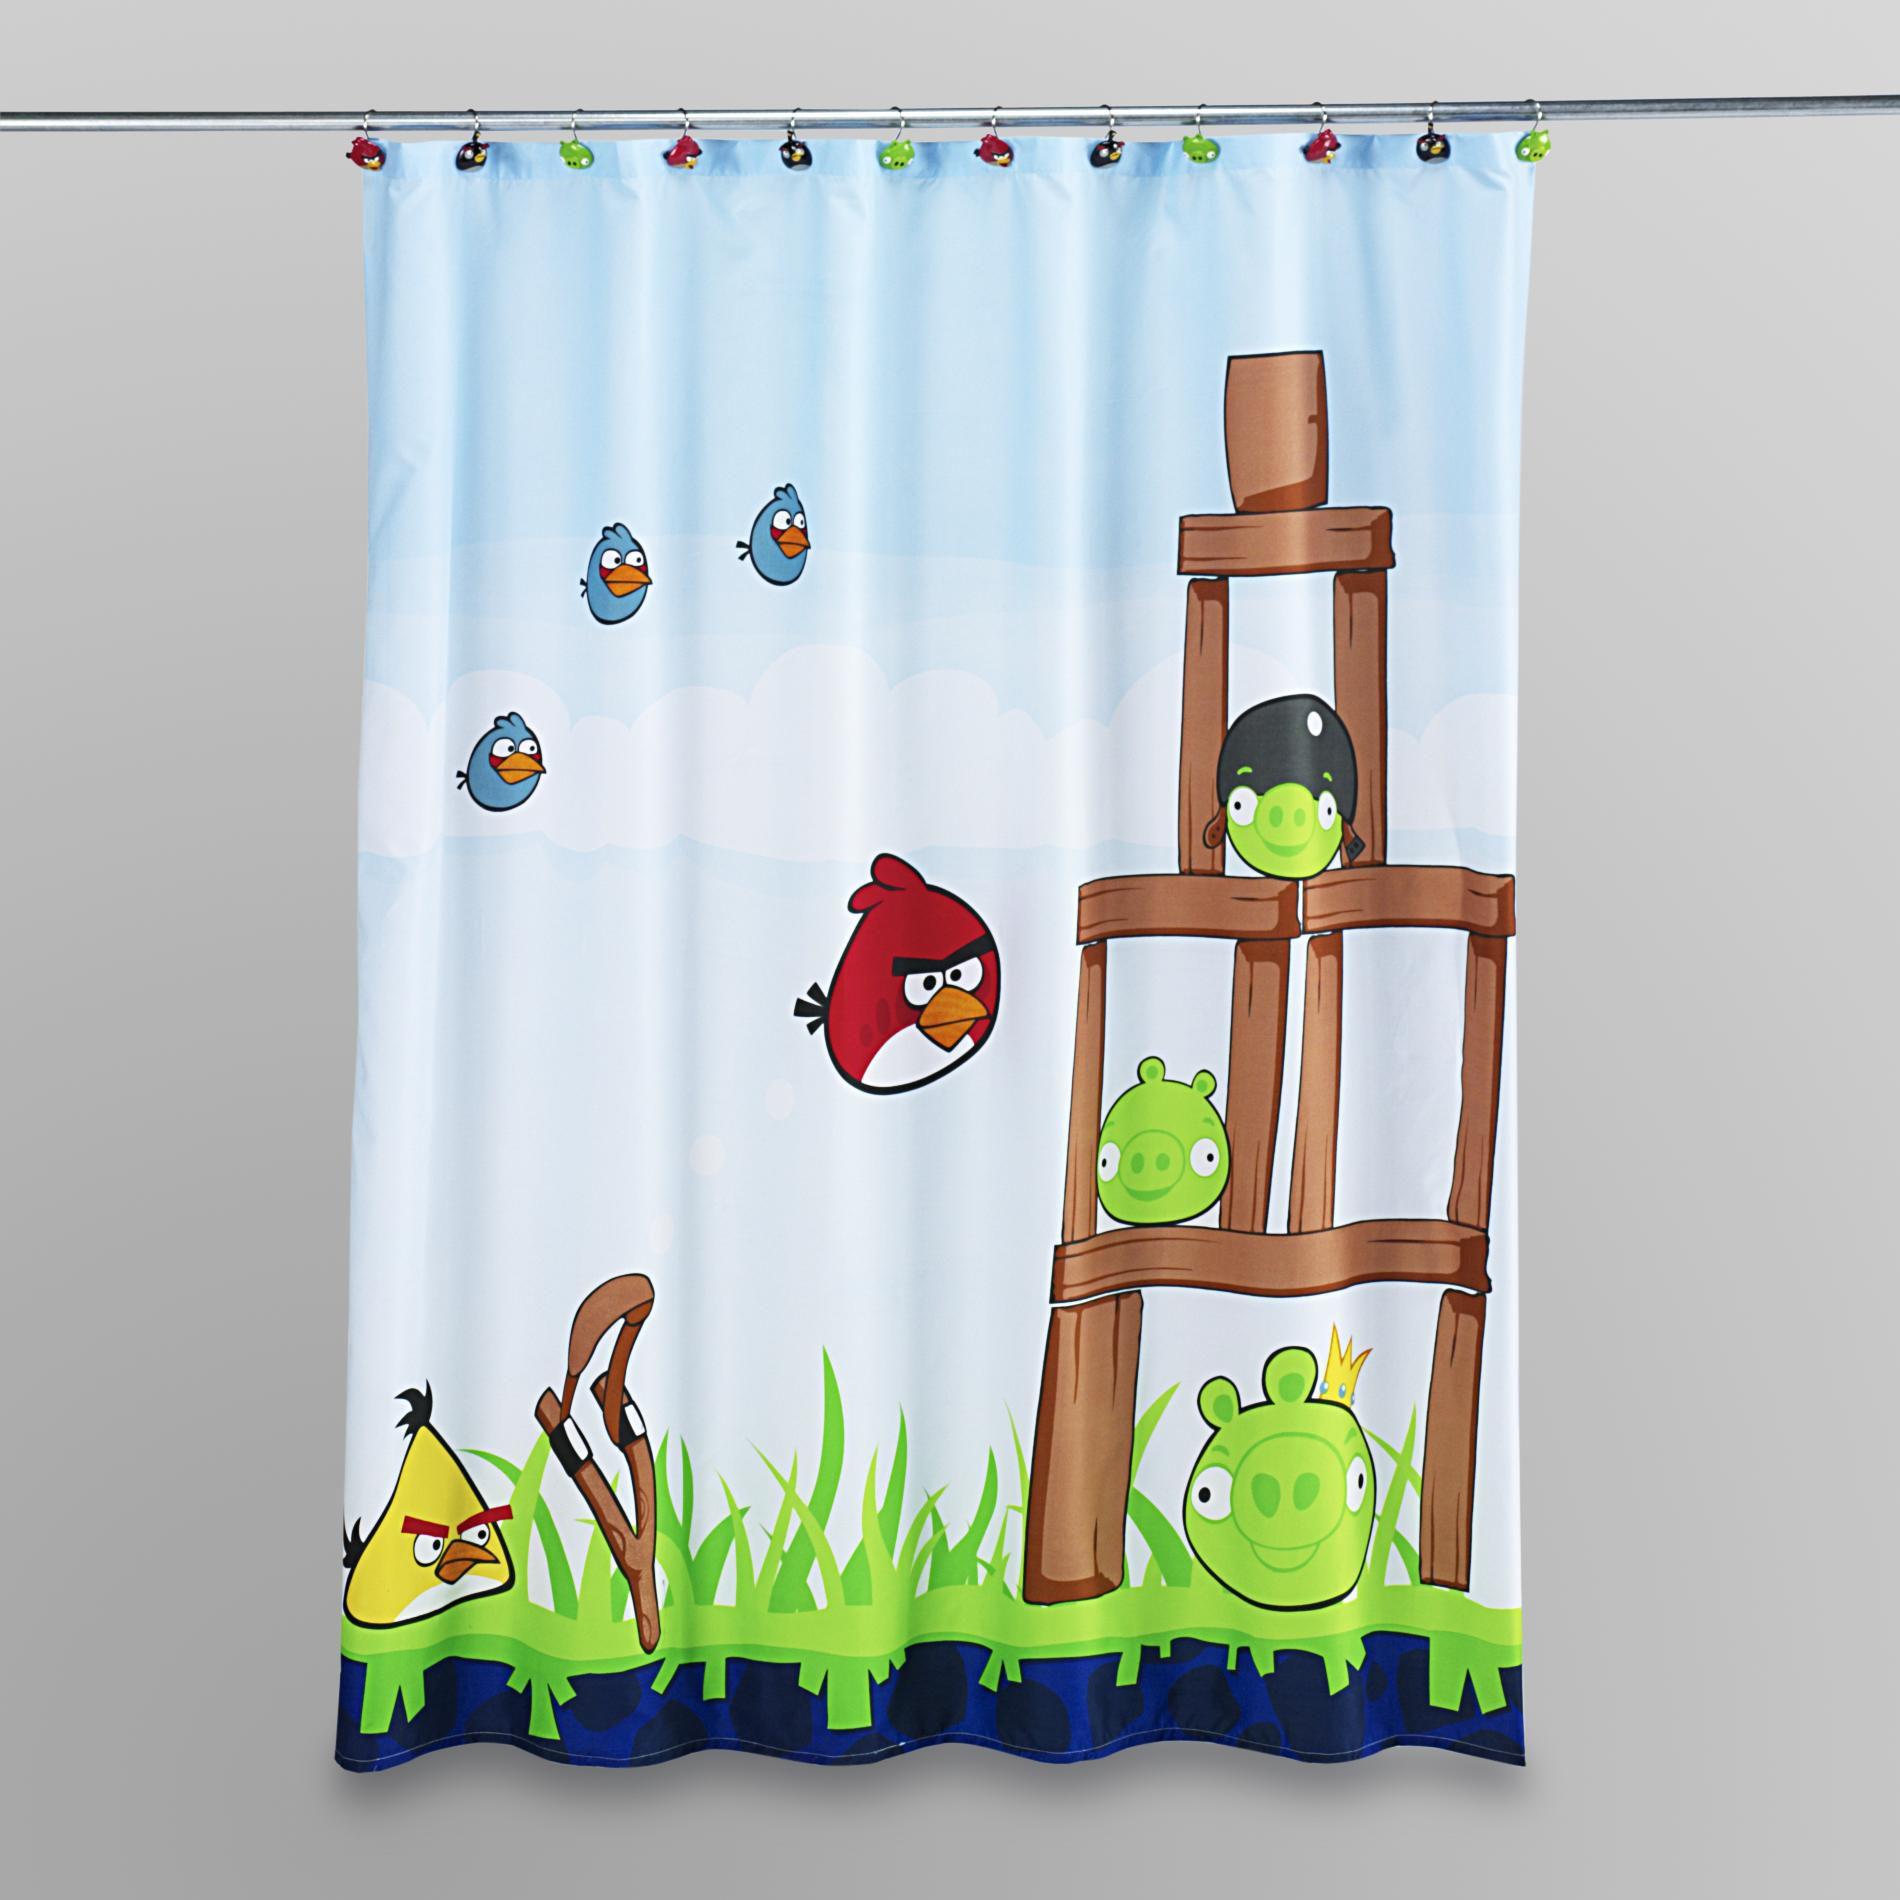 5-bruser-gardiner-ikea-bruser-gardiner-til-børn-bad med bruser-gardiner-til-børn-bad-bruser-gardiner-til-børn-bruser-gardiner-til-børn-badeværelse-bruser-curtains- til-børn-bad-bruser-gardin-til